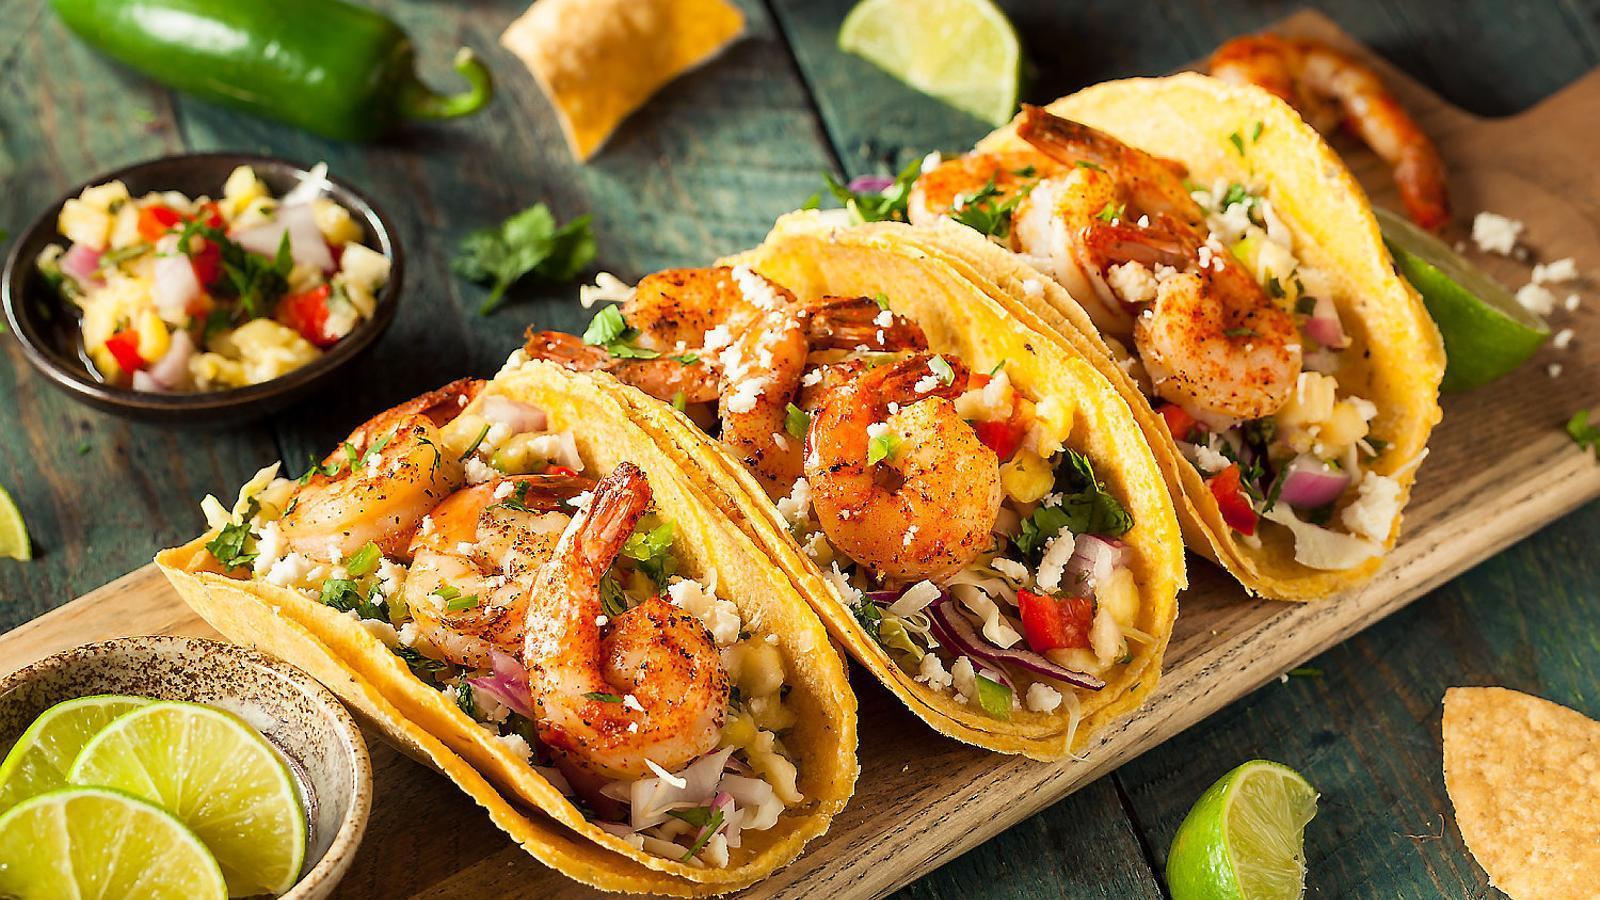 Un plat típic de tacos mexicans, un dels plats més coneguts de la cuina del país.